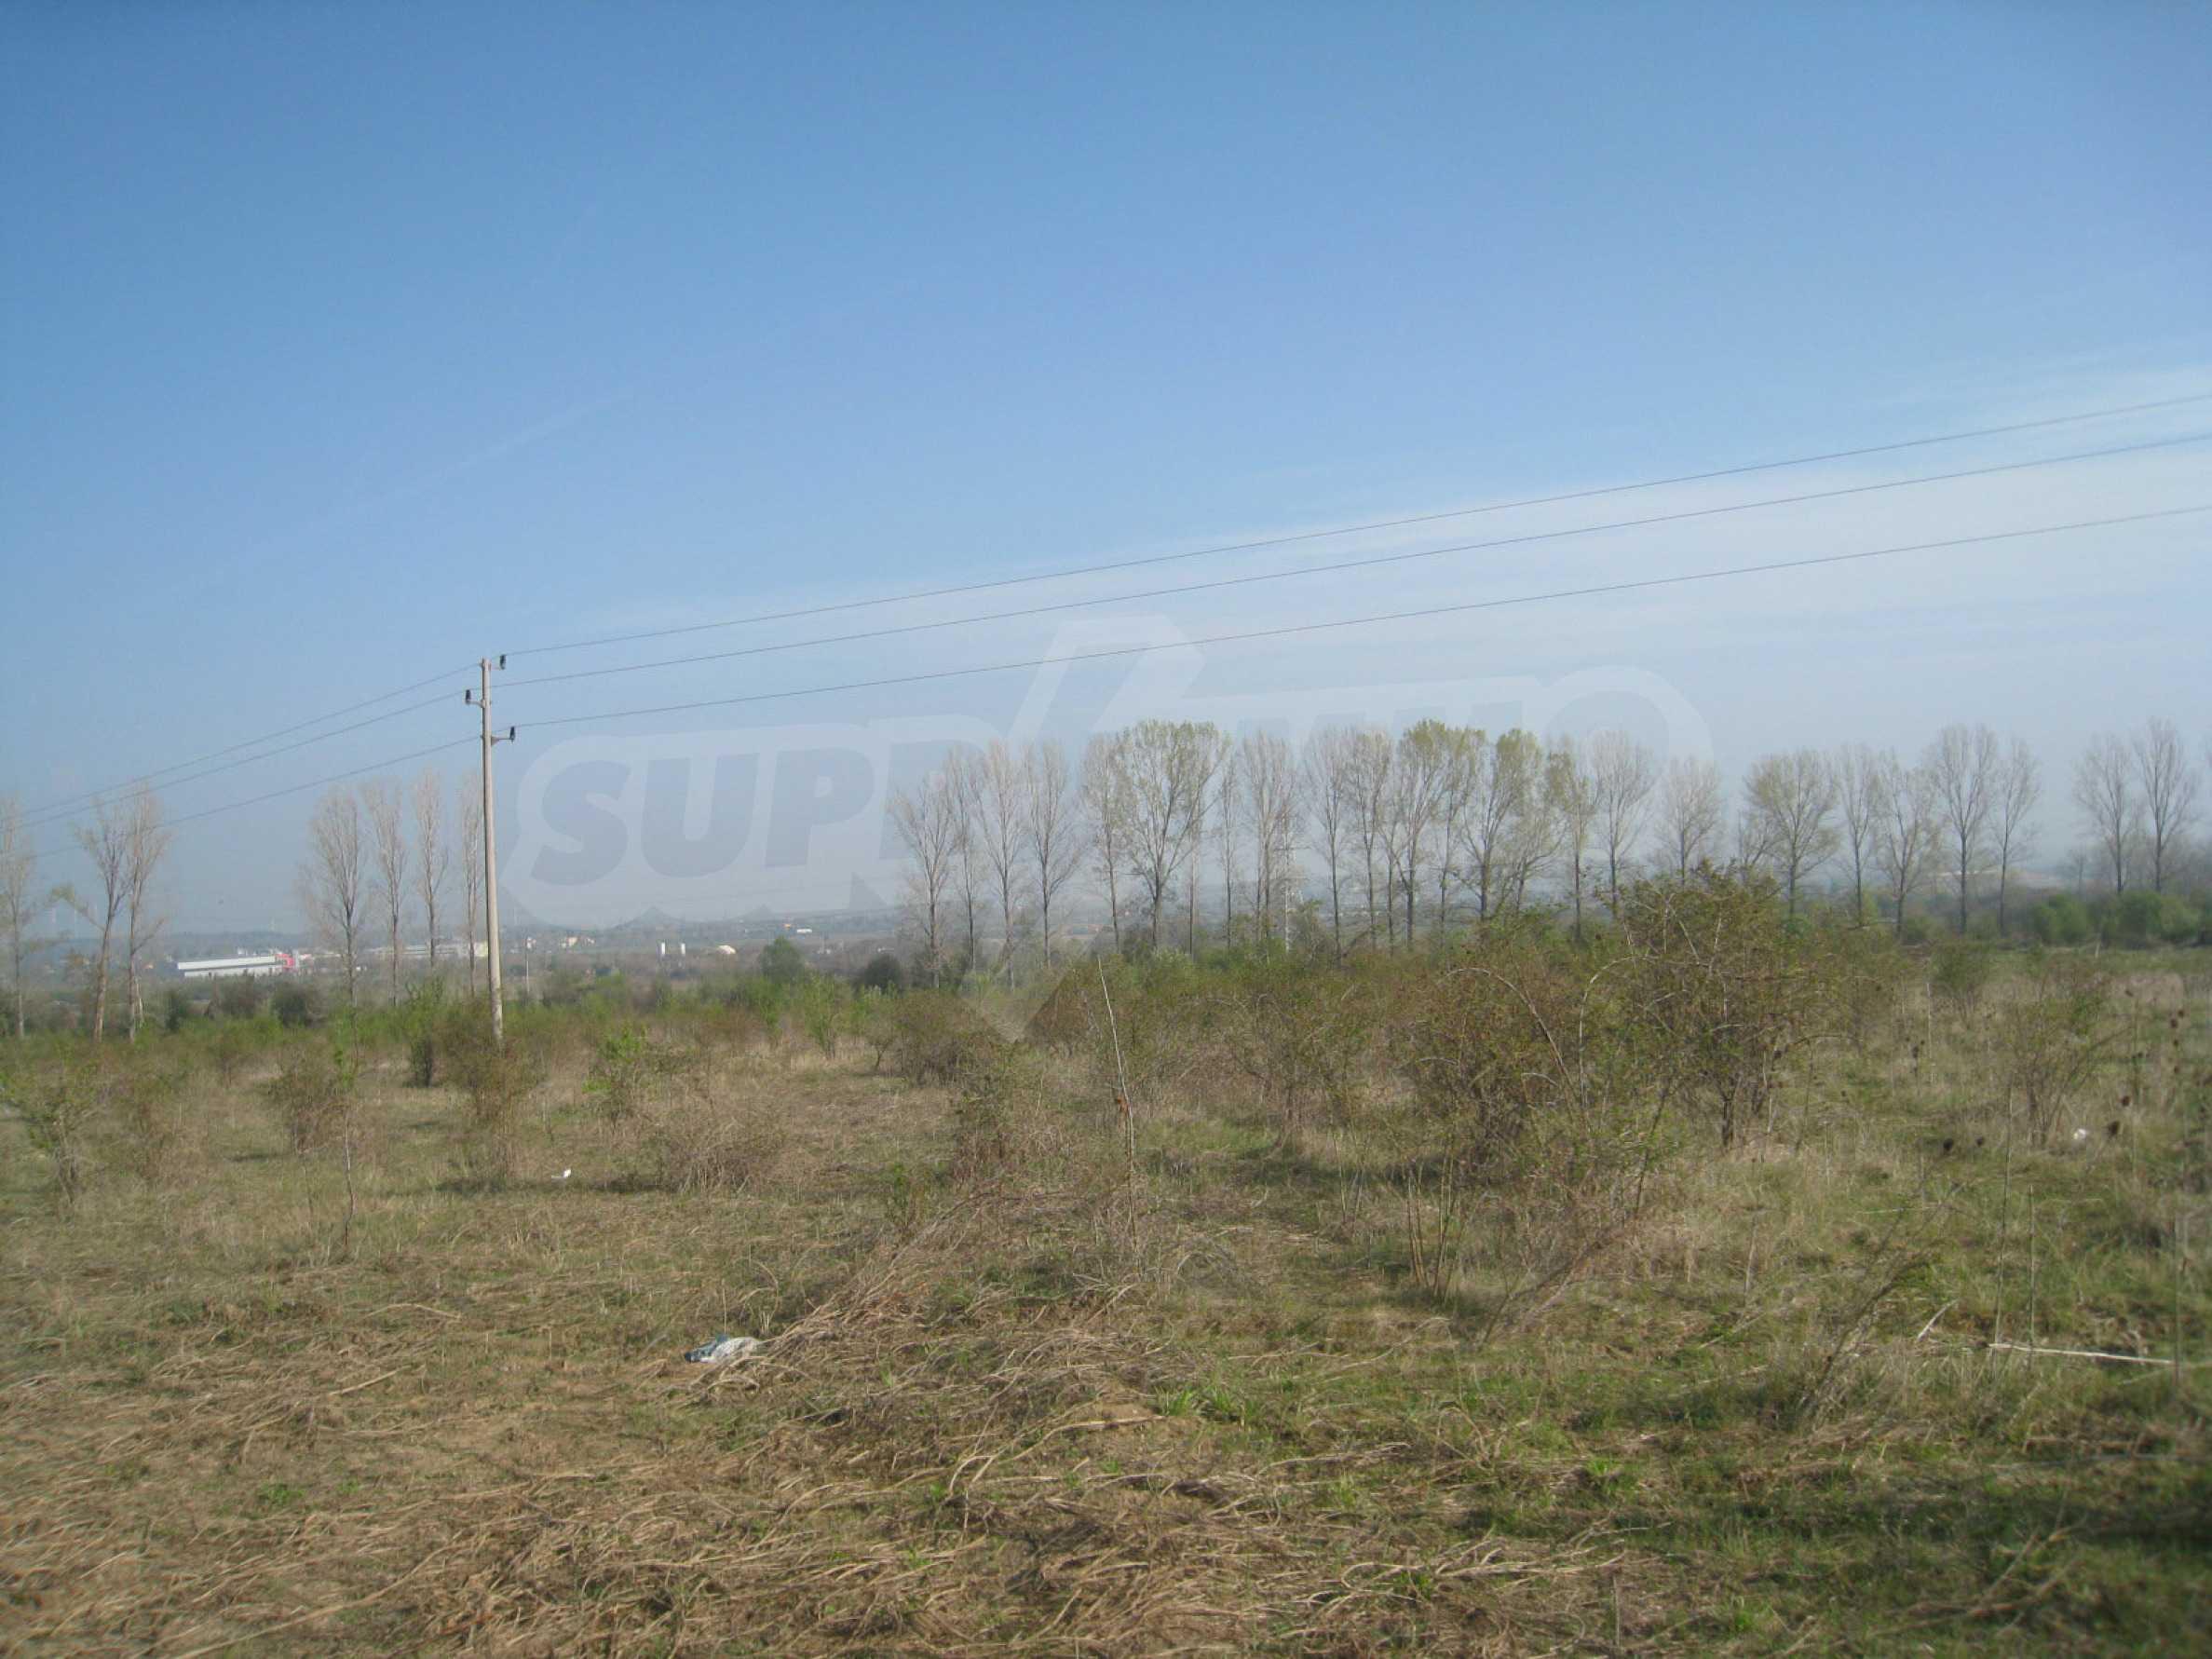 Investitionsgrundstück 2 km von der Sofia-Ringstraße entfernt 8